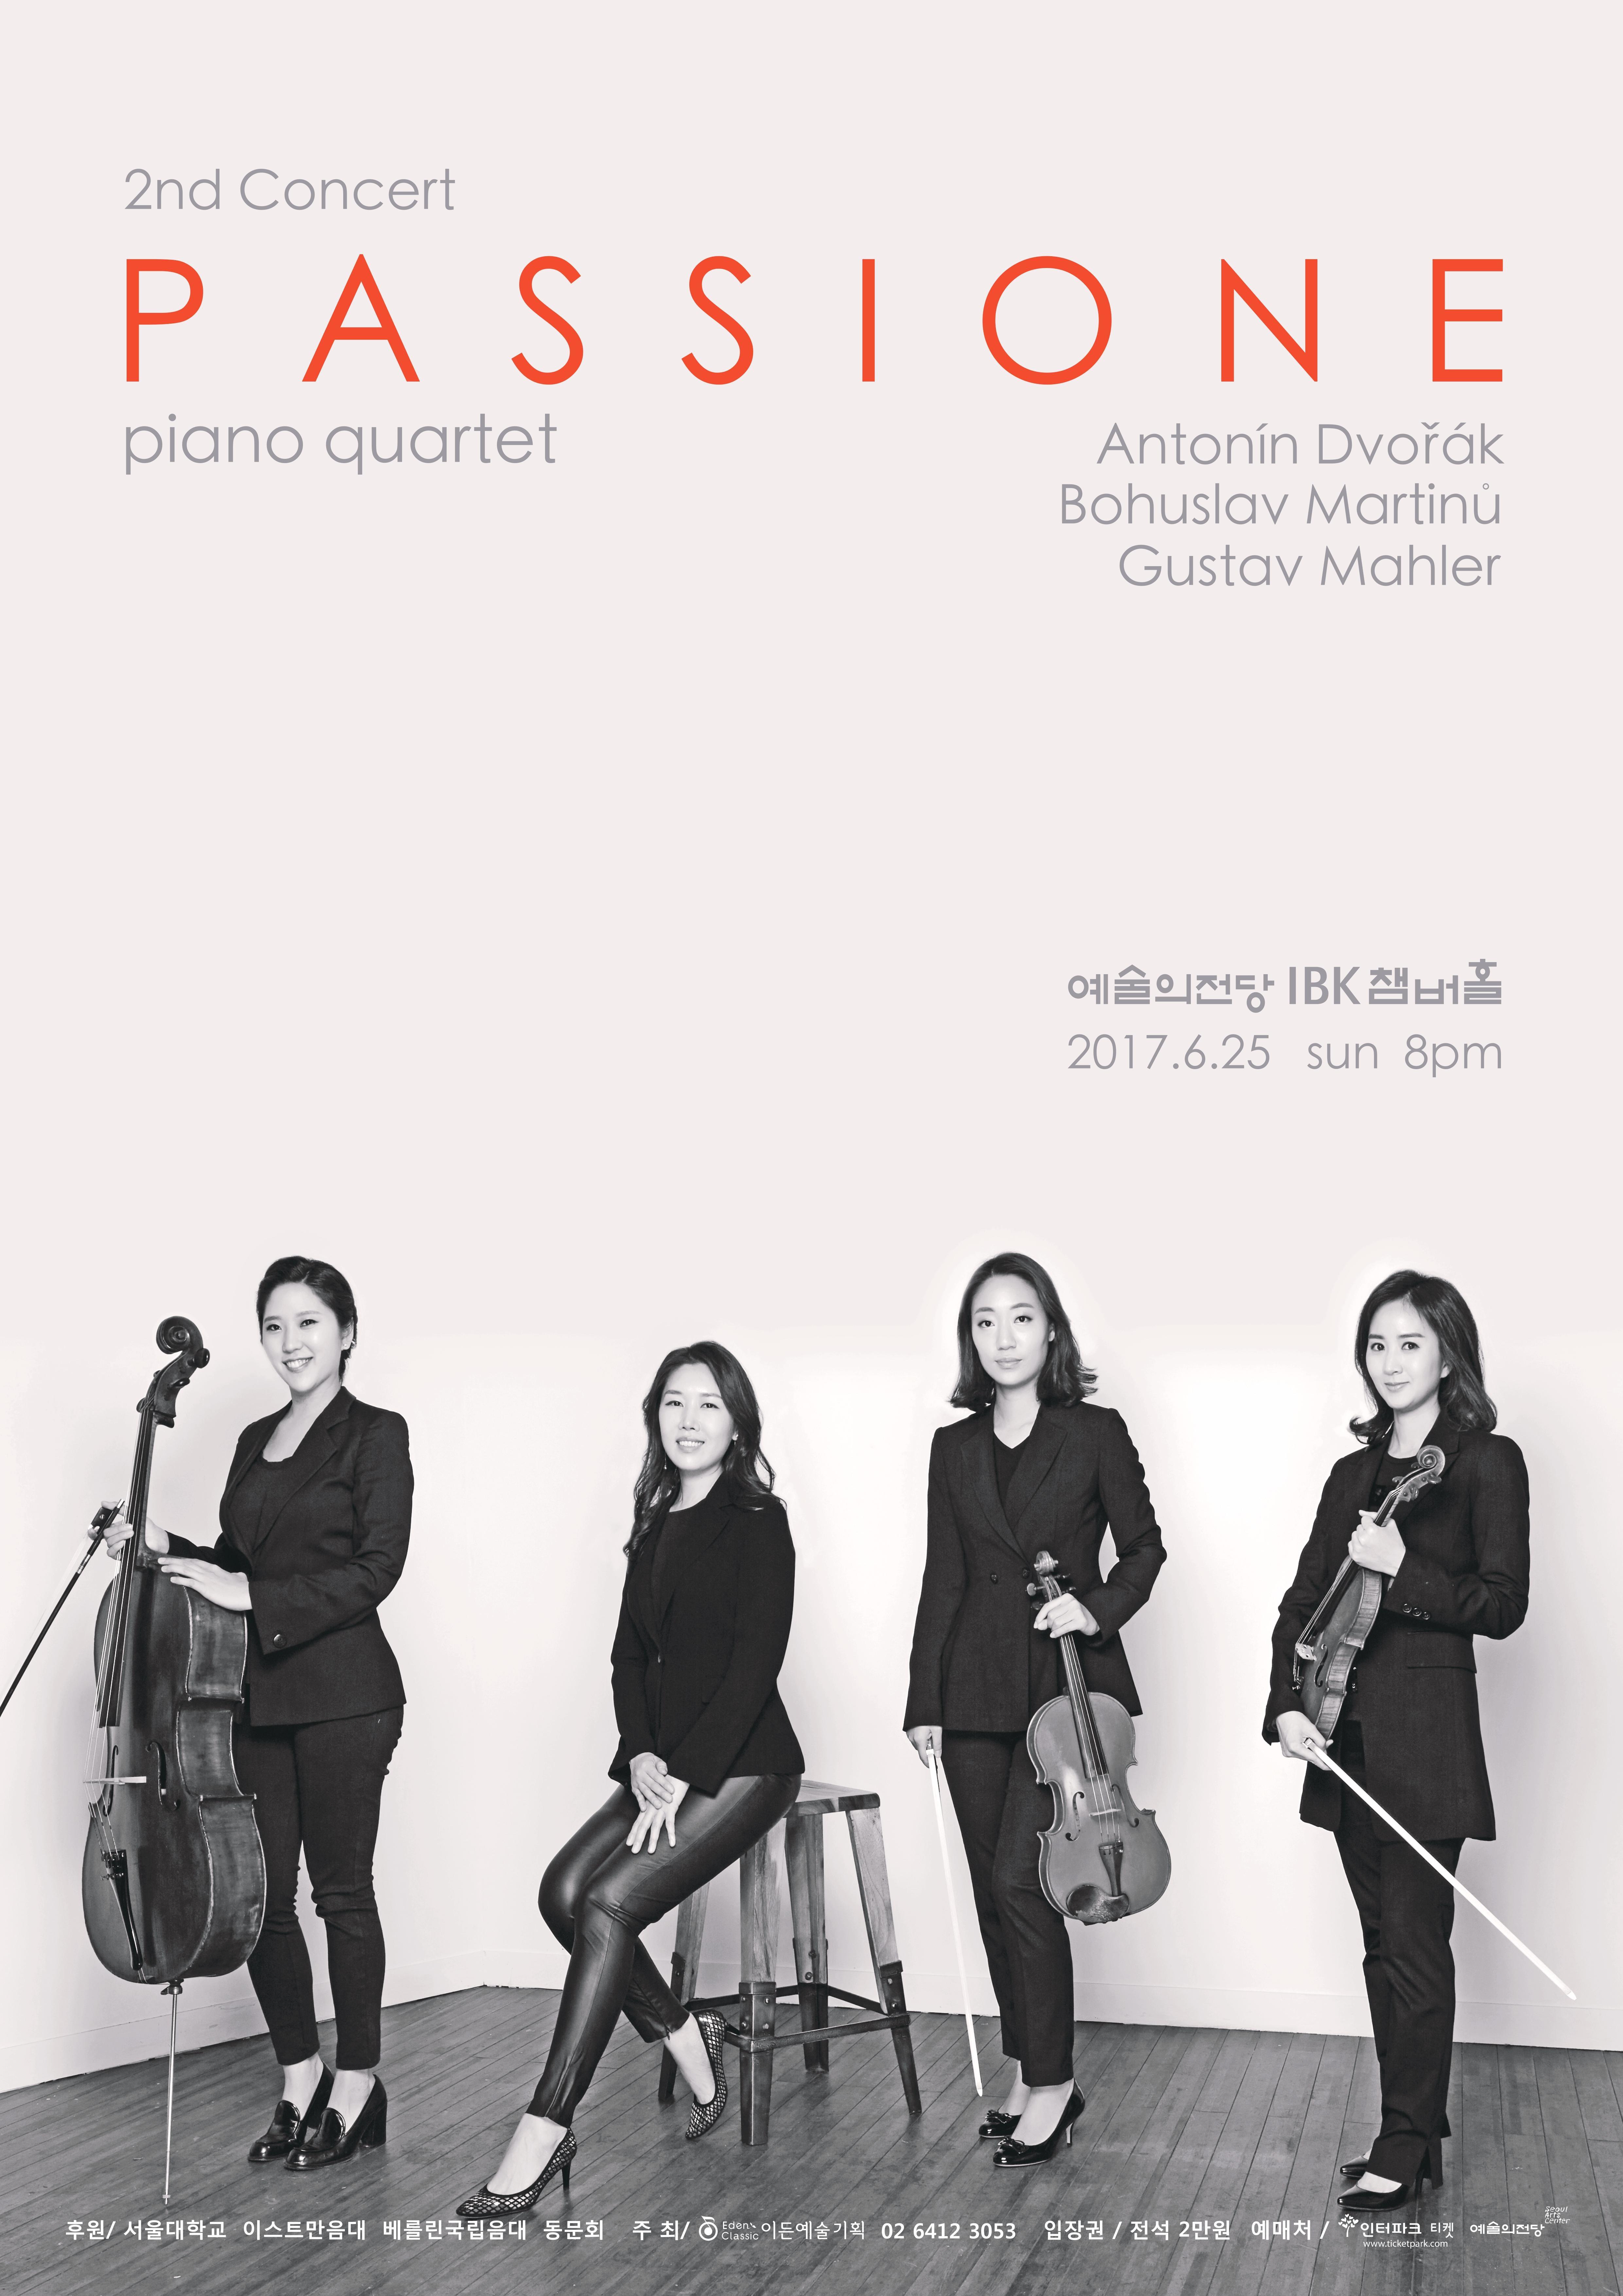 피아노 4중주 '파시오네' 연주회… 25일 서울 예술의전당